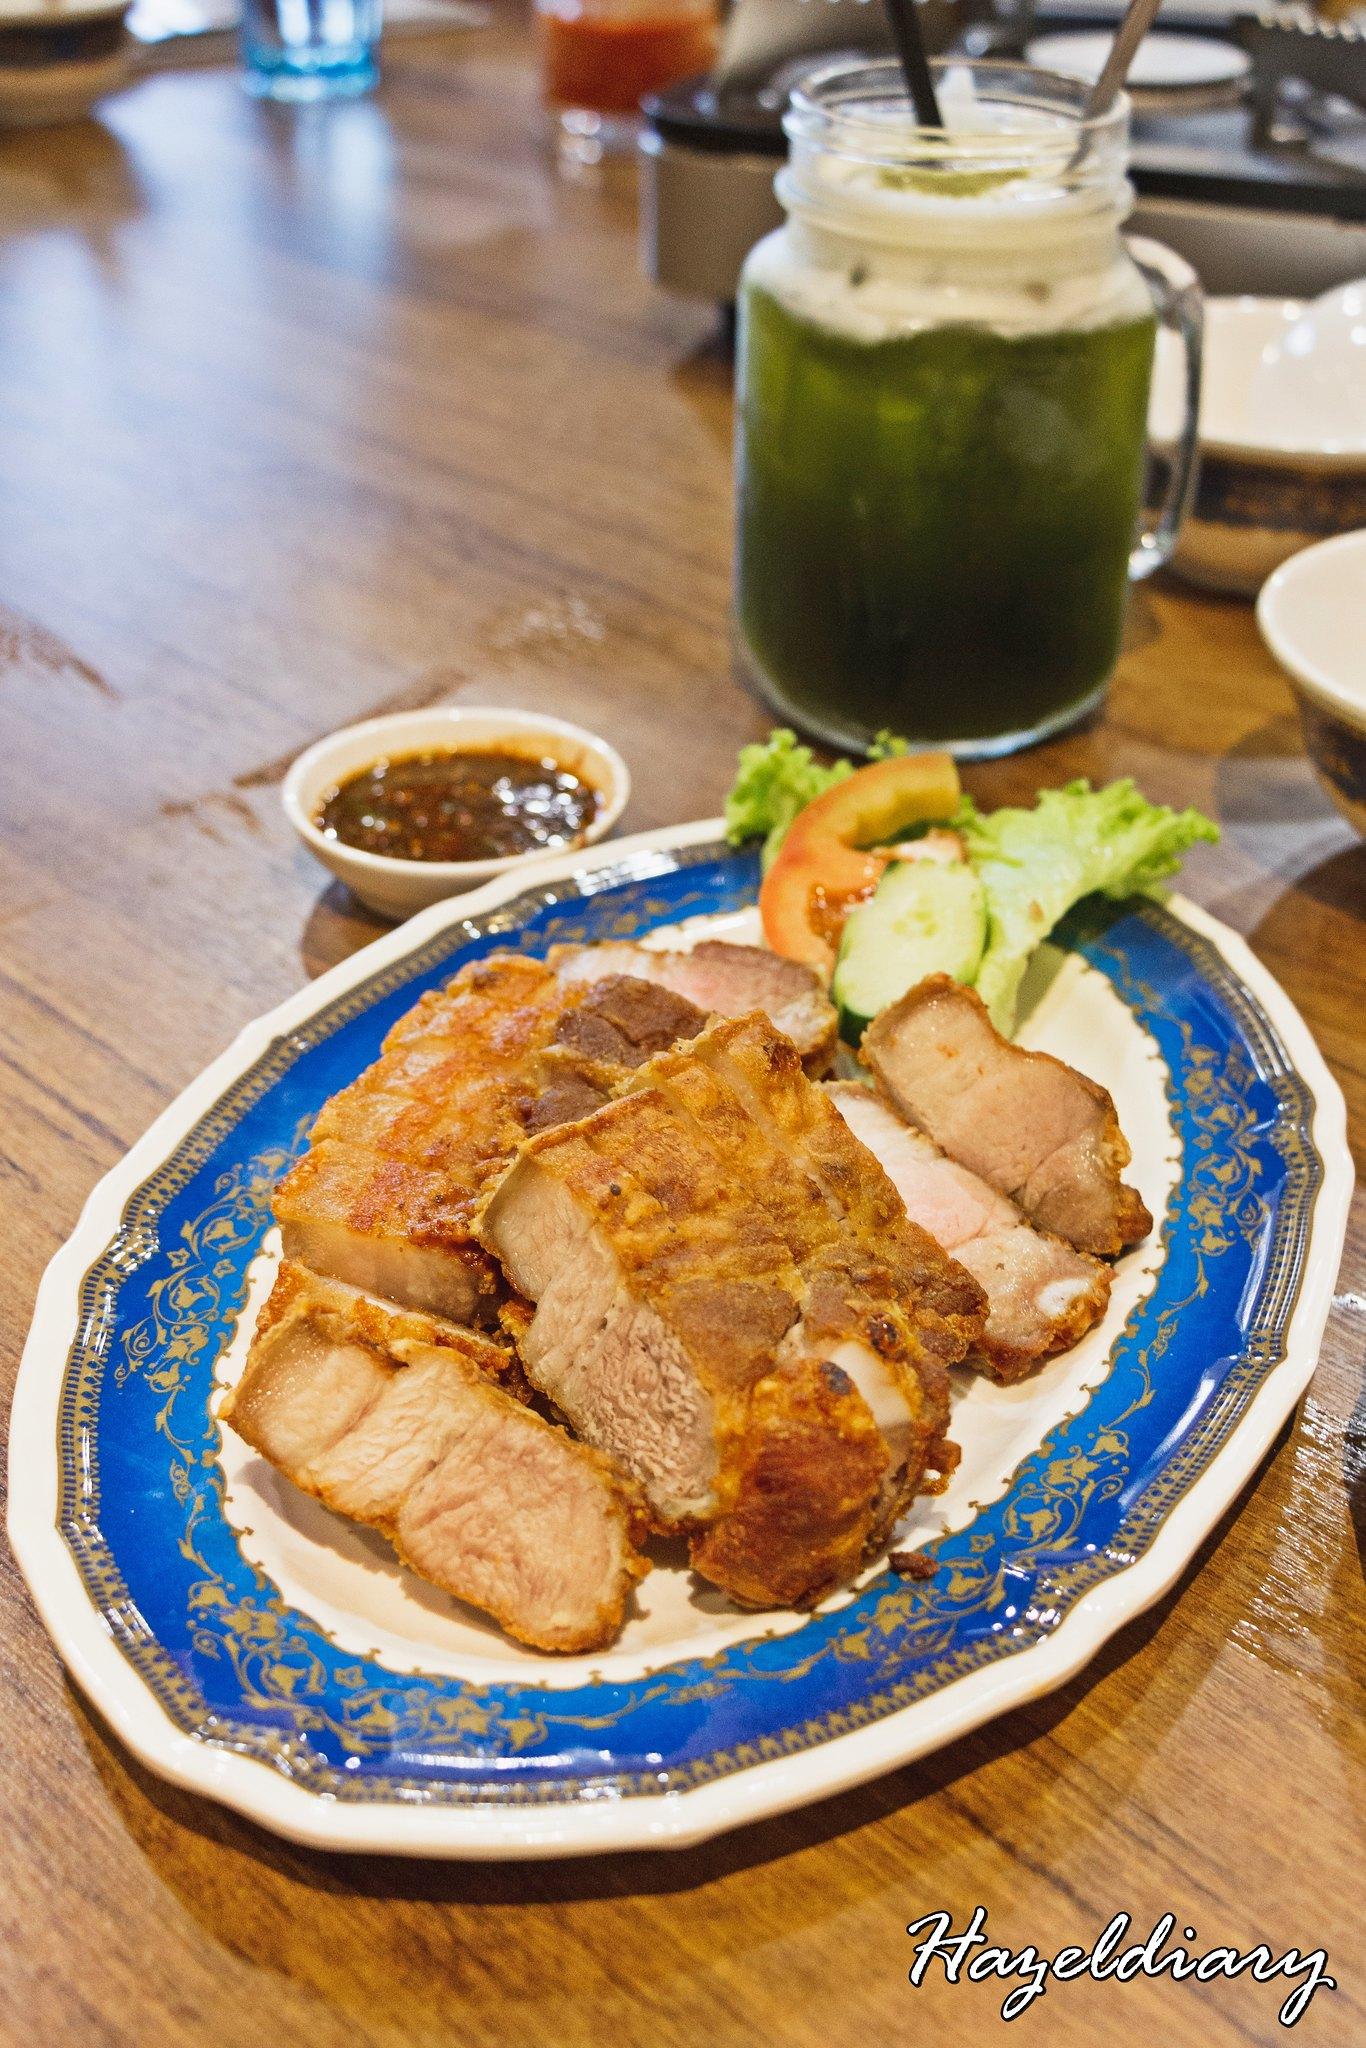 Soi Thai Soi Nice JEM-Hazeldiary